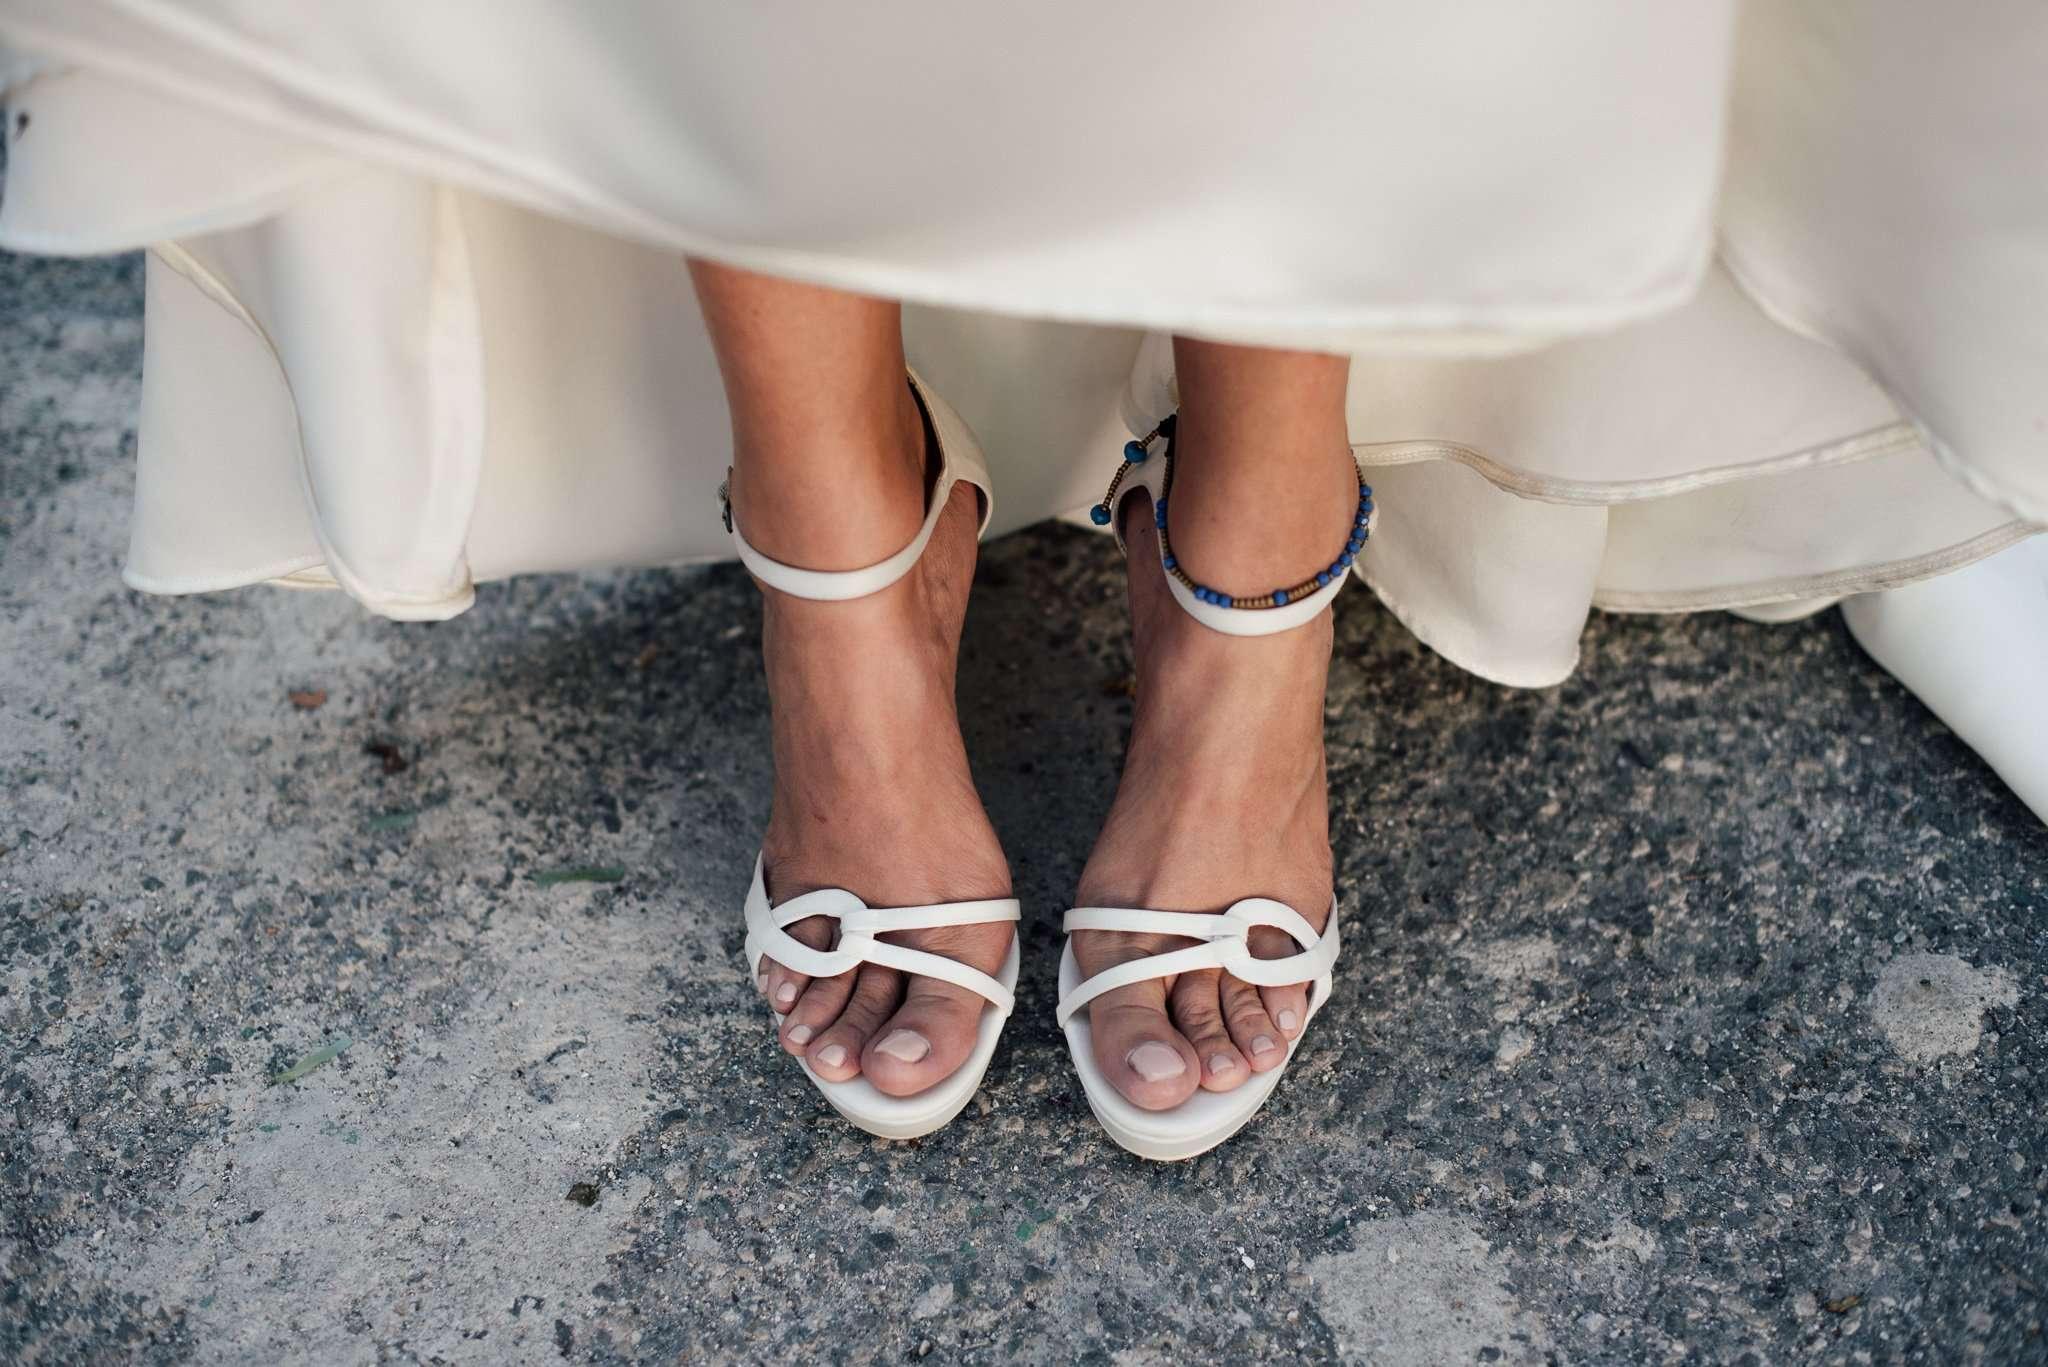 Fotografia dettaglio piedi sposa